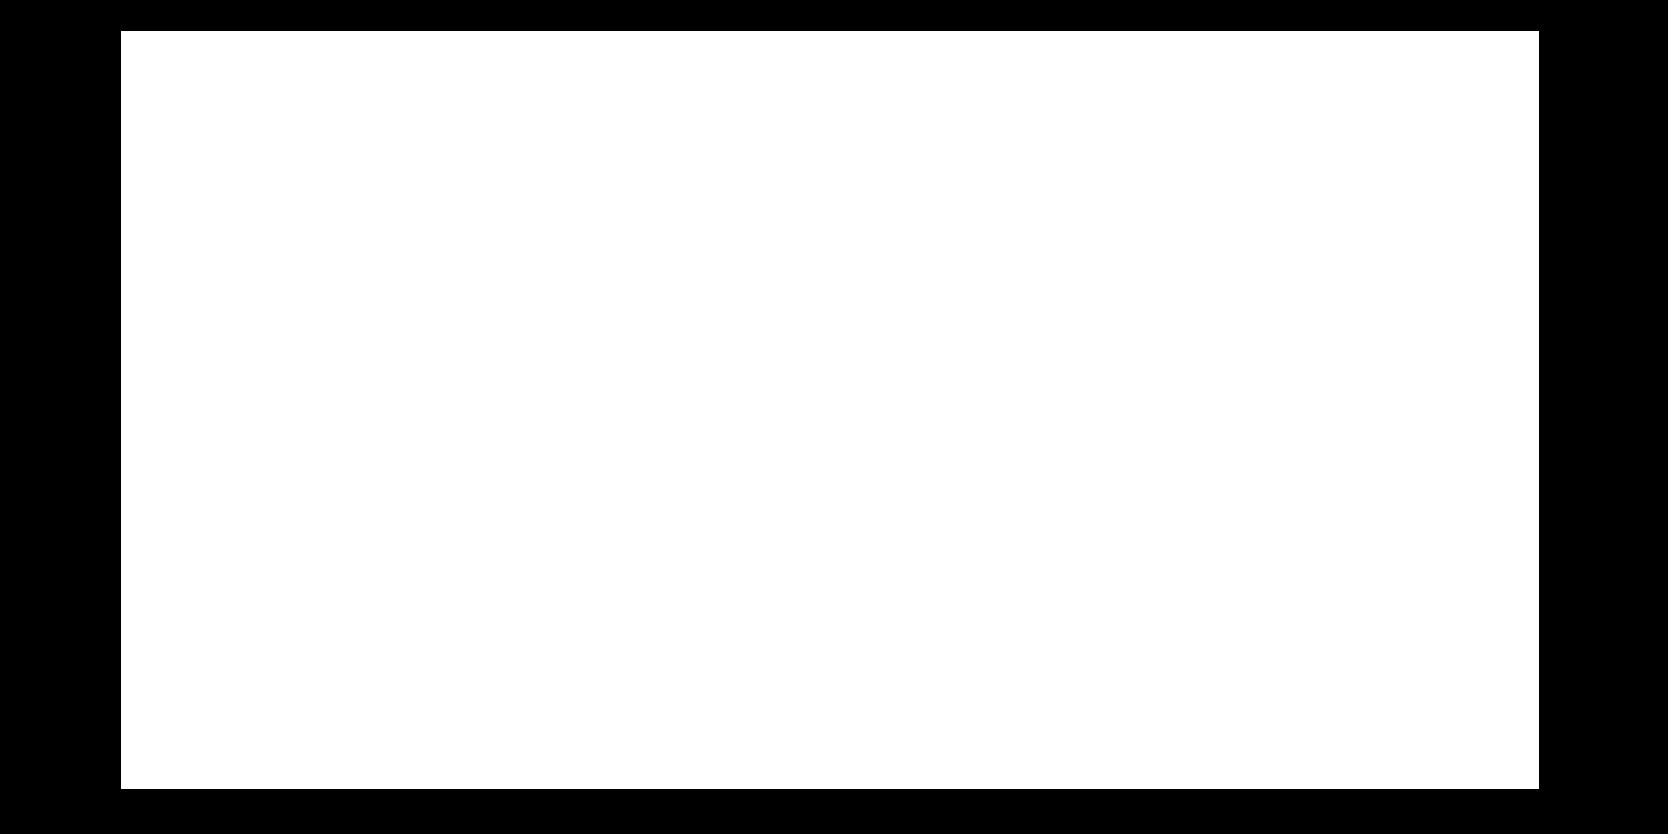 cardo.png